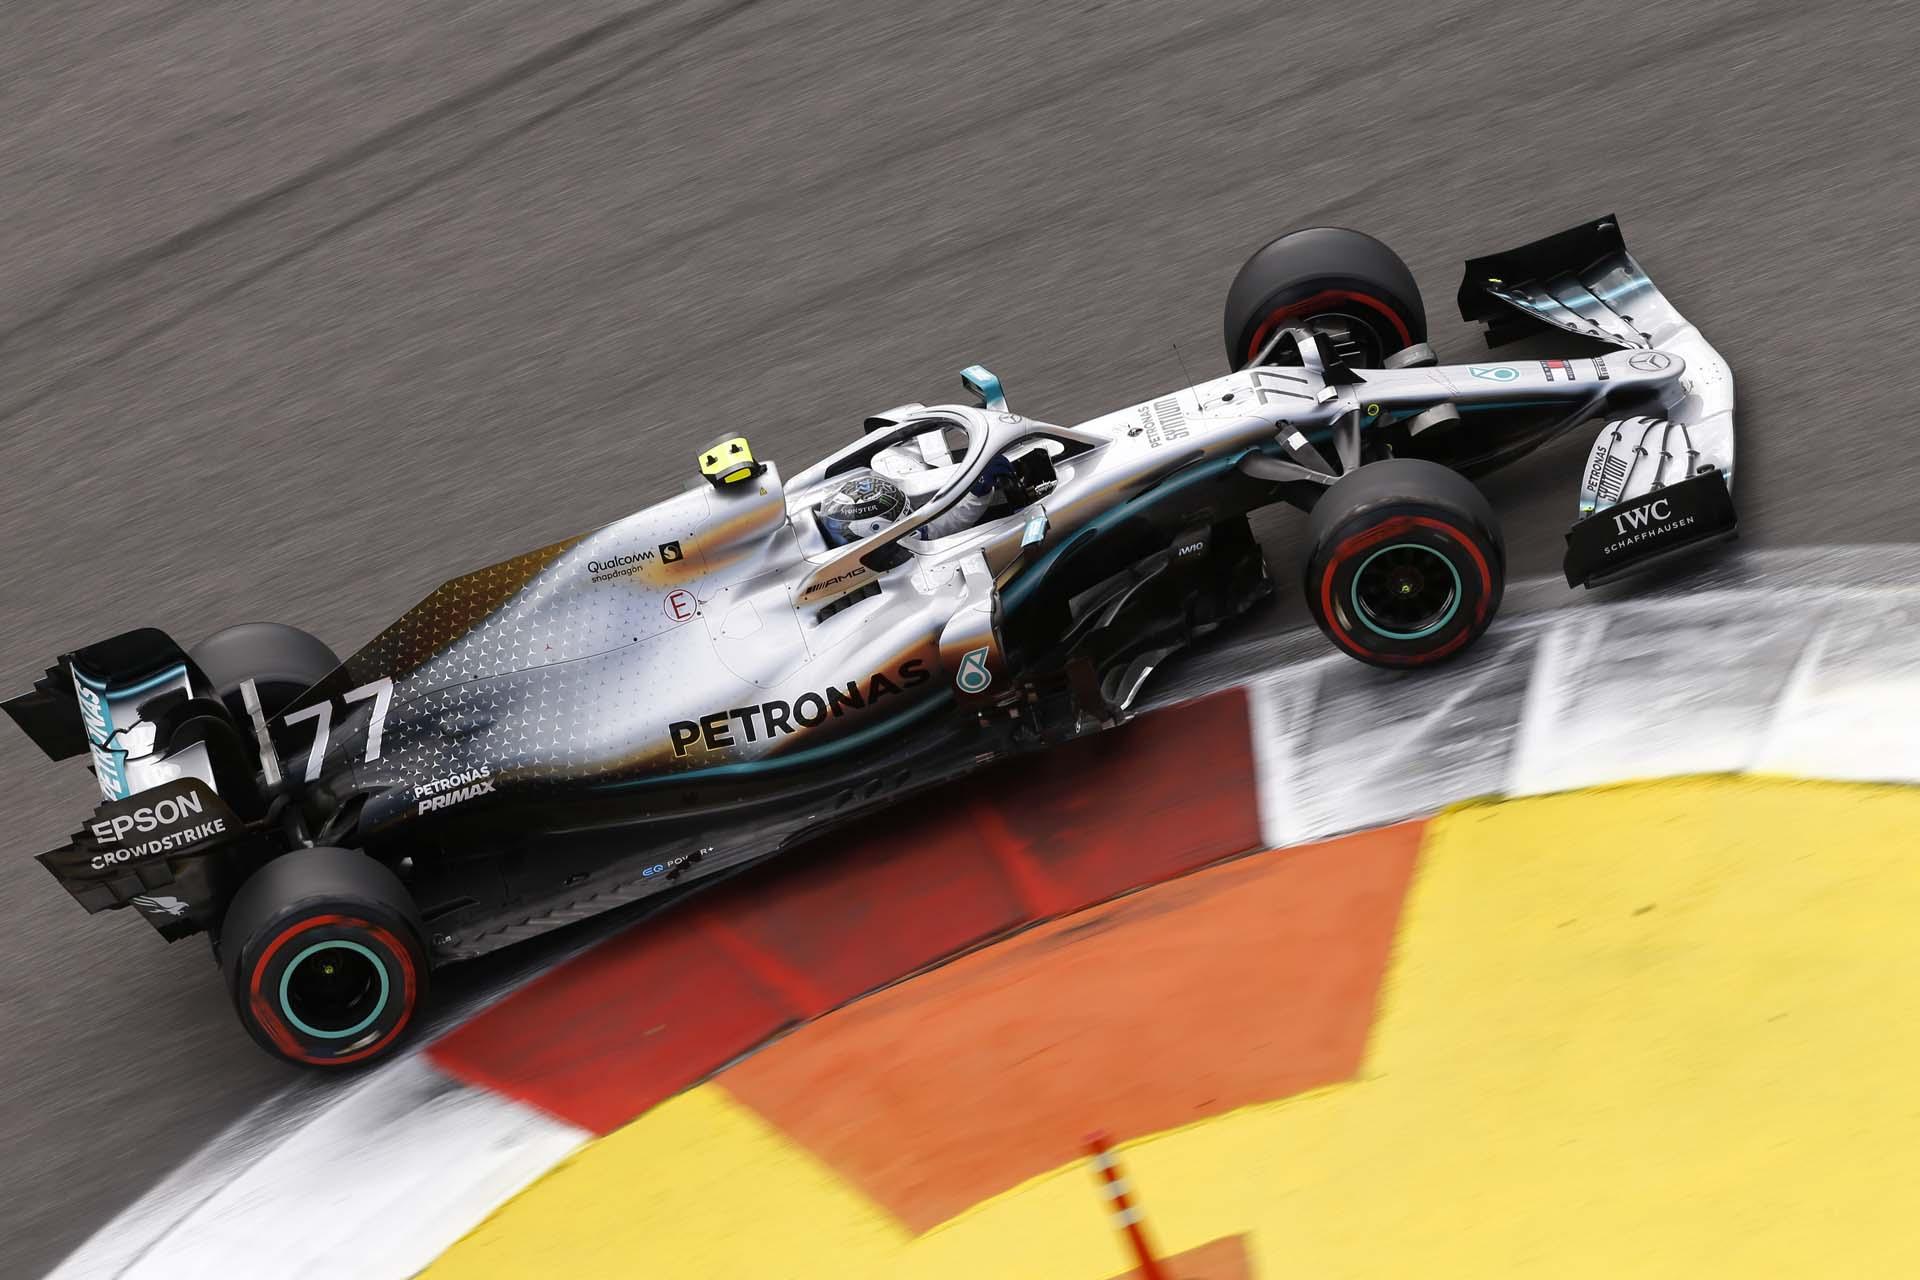 2019 Russian Grand Prix, Saturday - Wolfgang Wilhelm